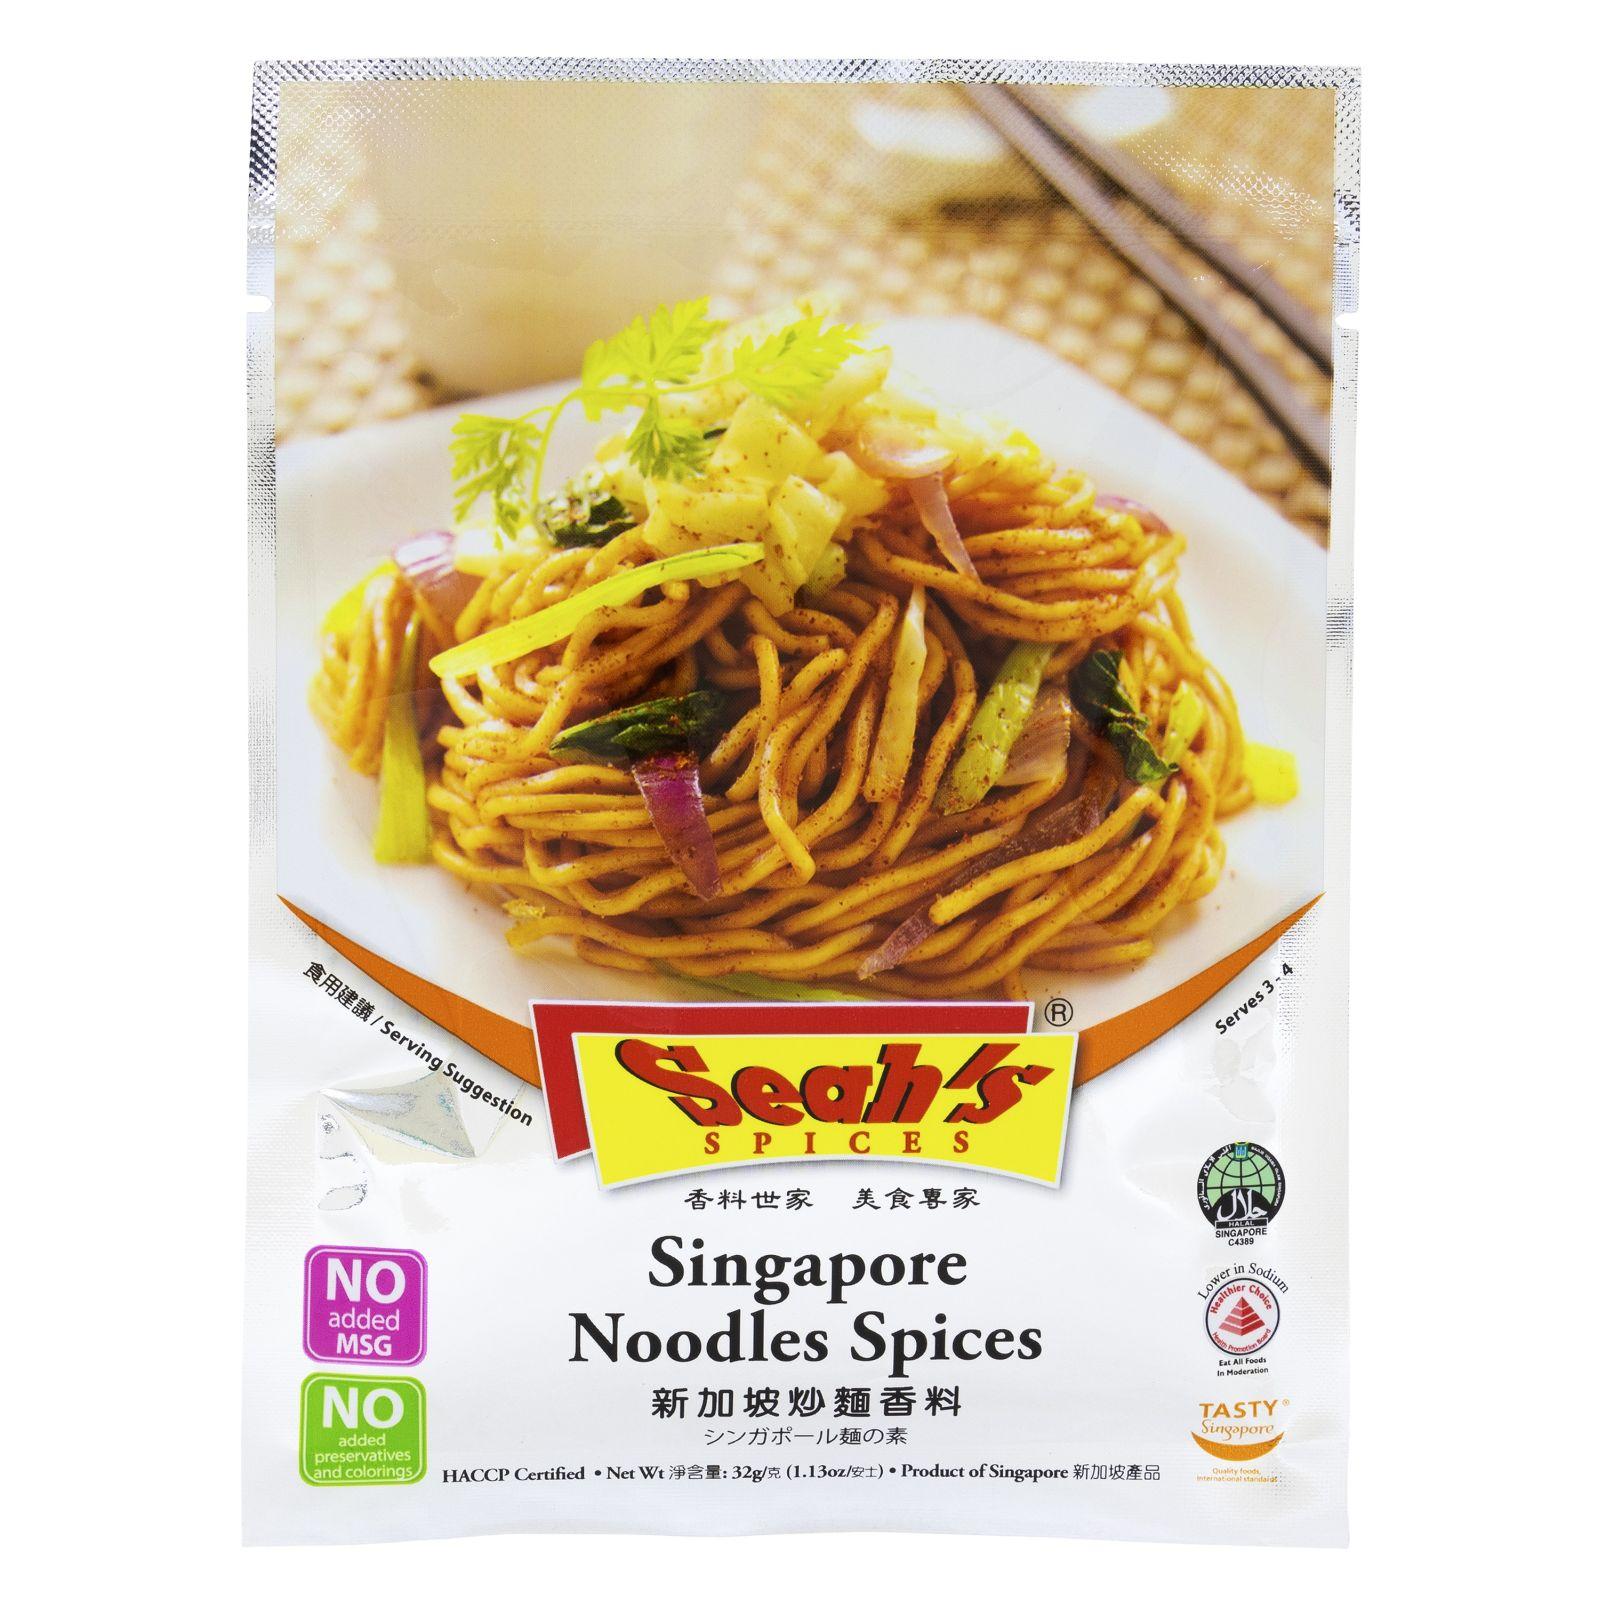 Singapore Noodle Spices